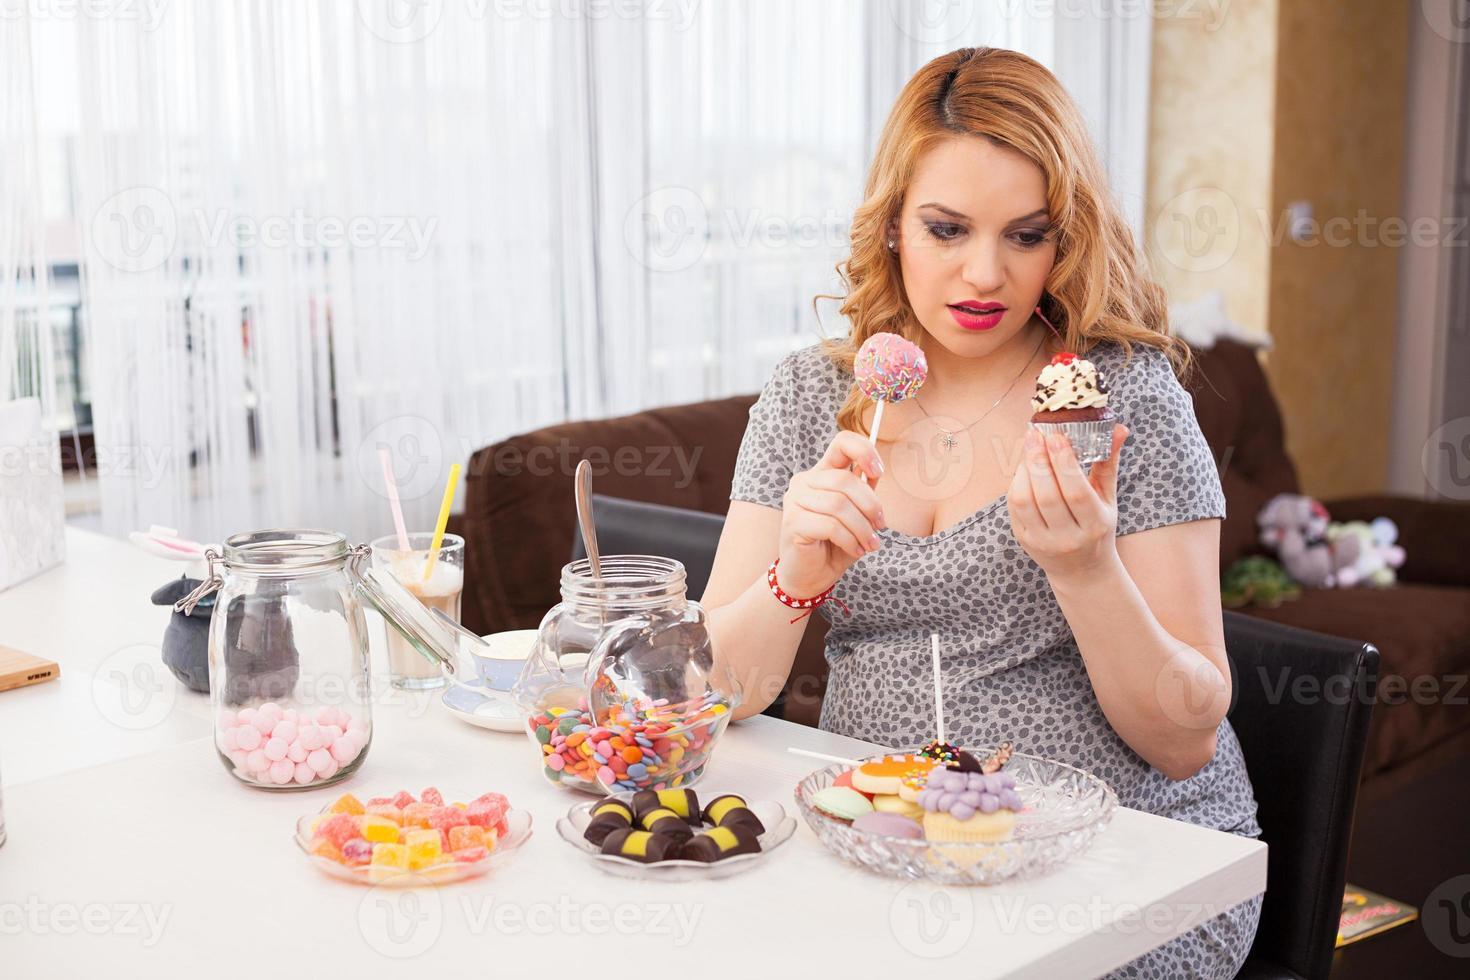 jovem grávida comendo doces foto